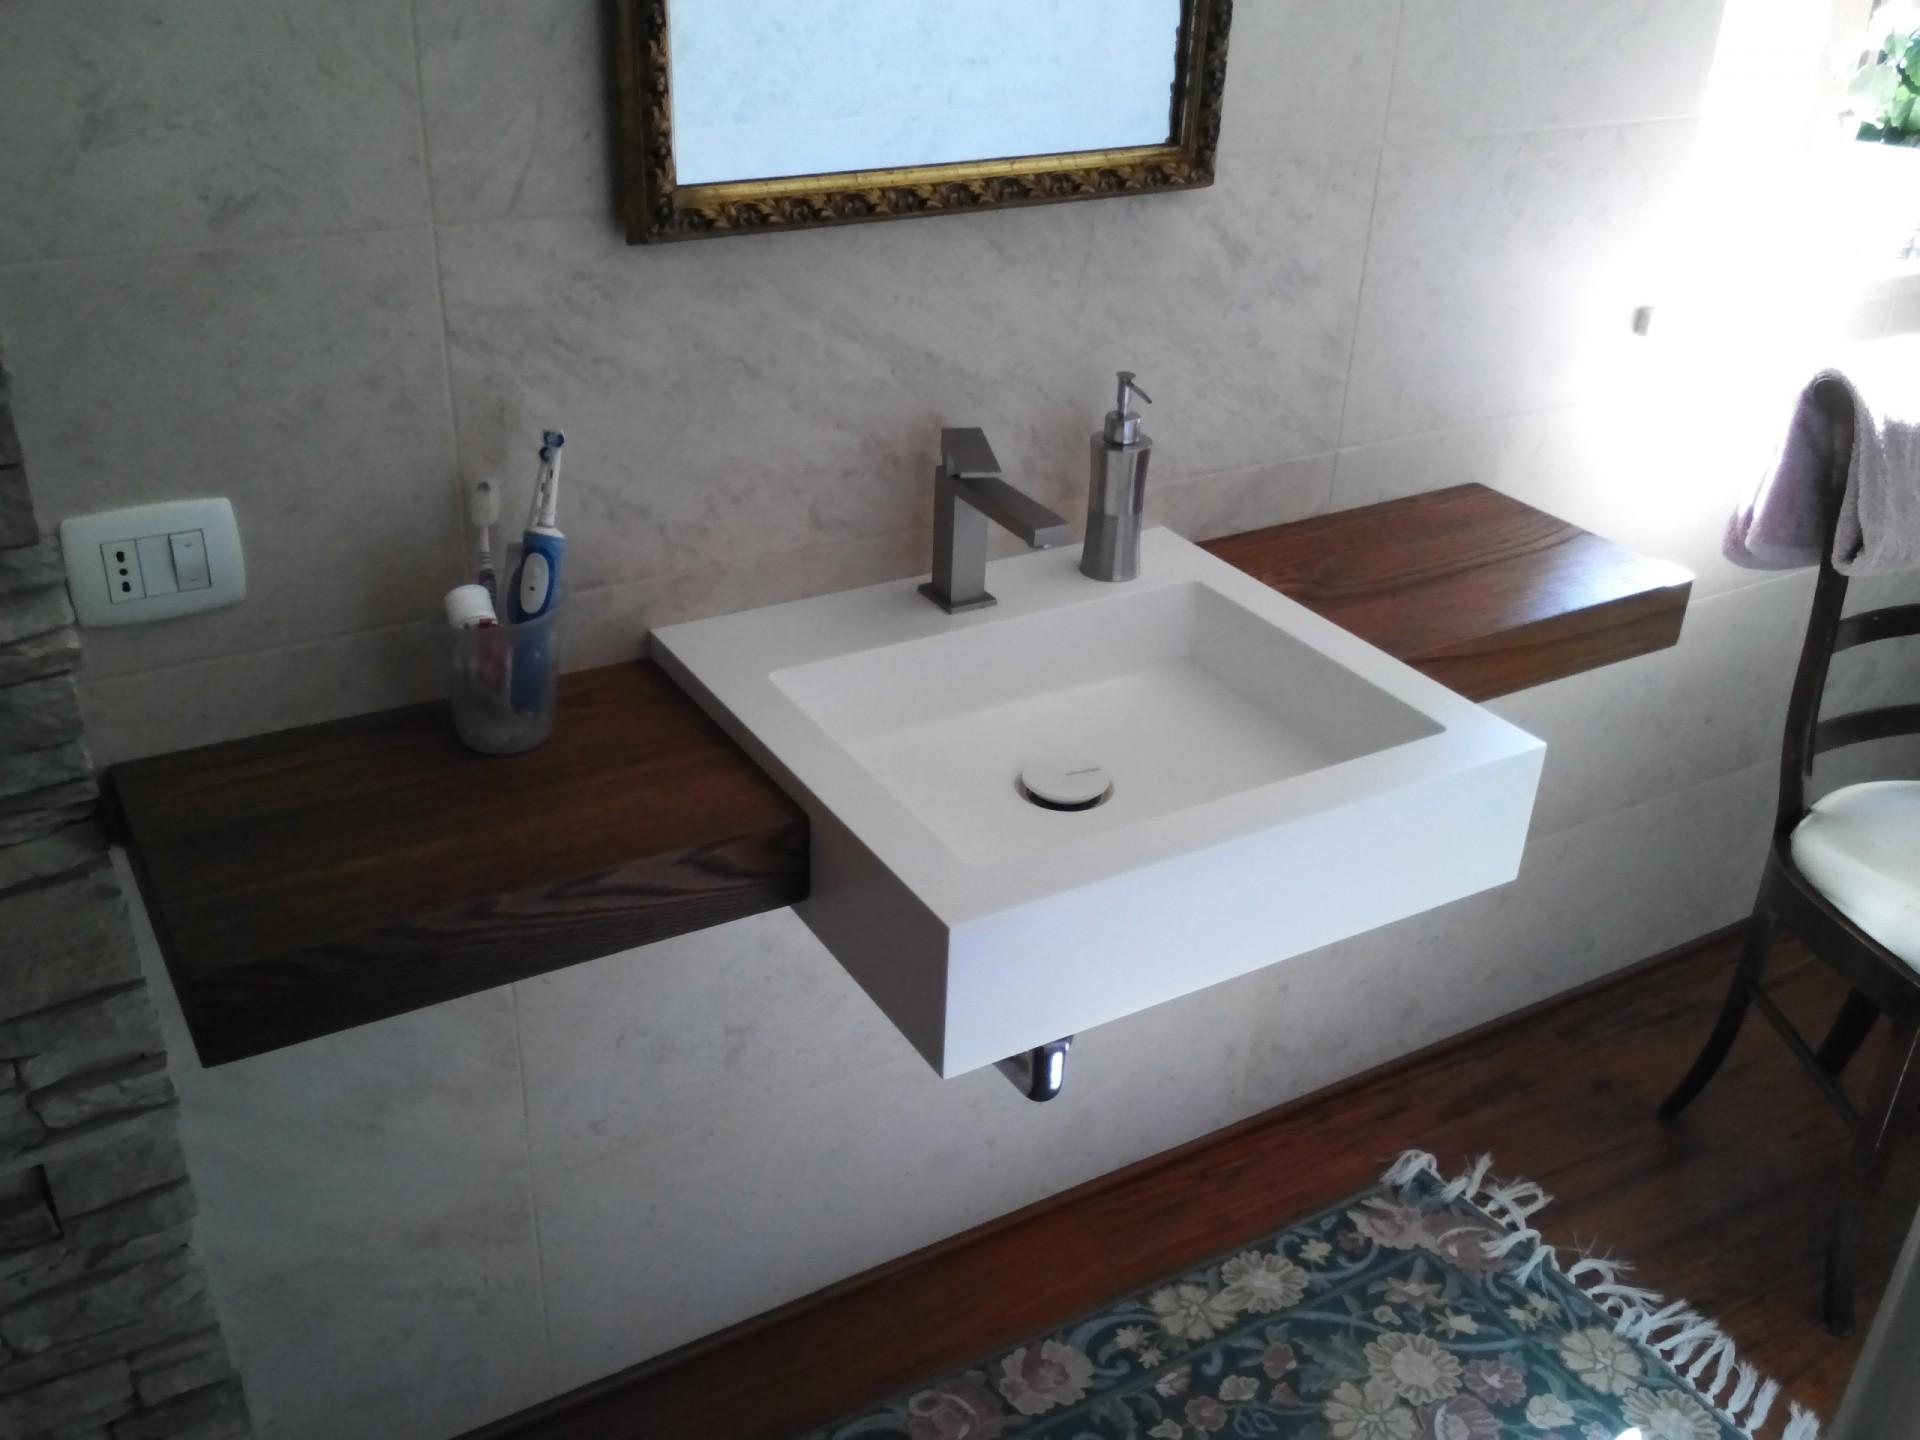 Mobili Su Misura Bagno : Mobili per bagno fadini mobili cerea verona